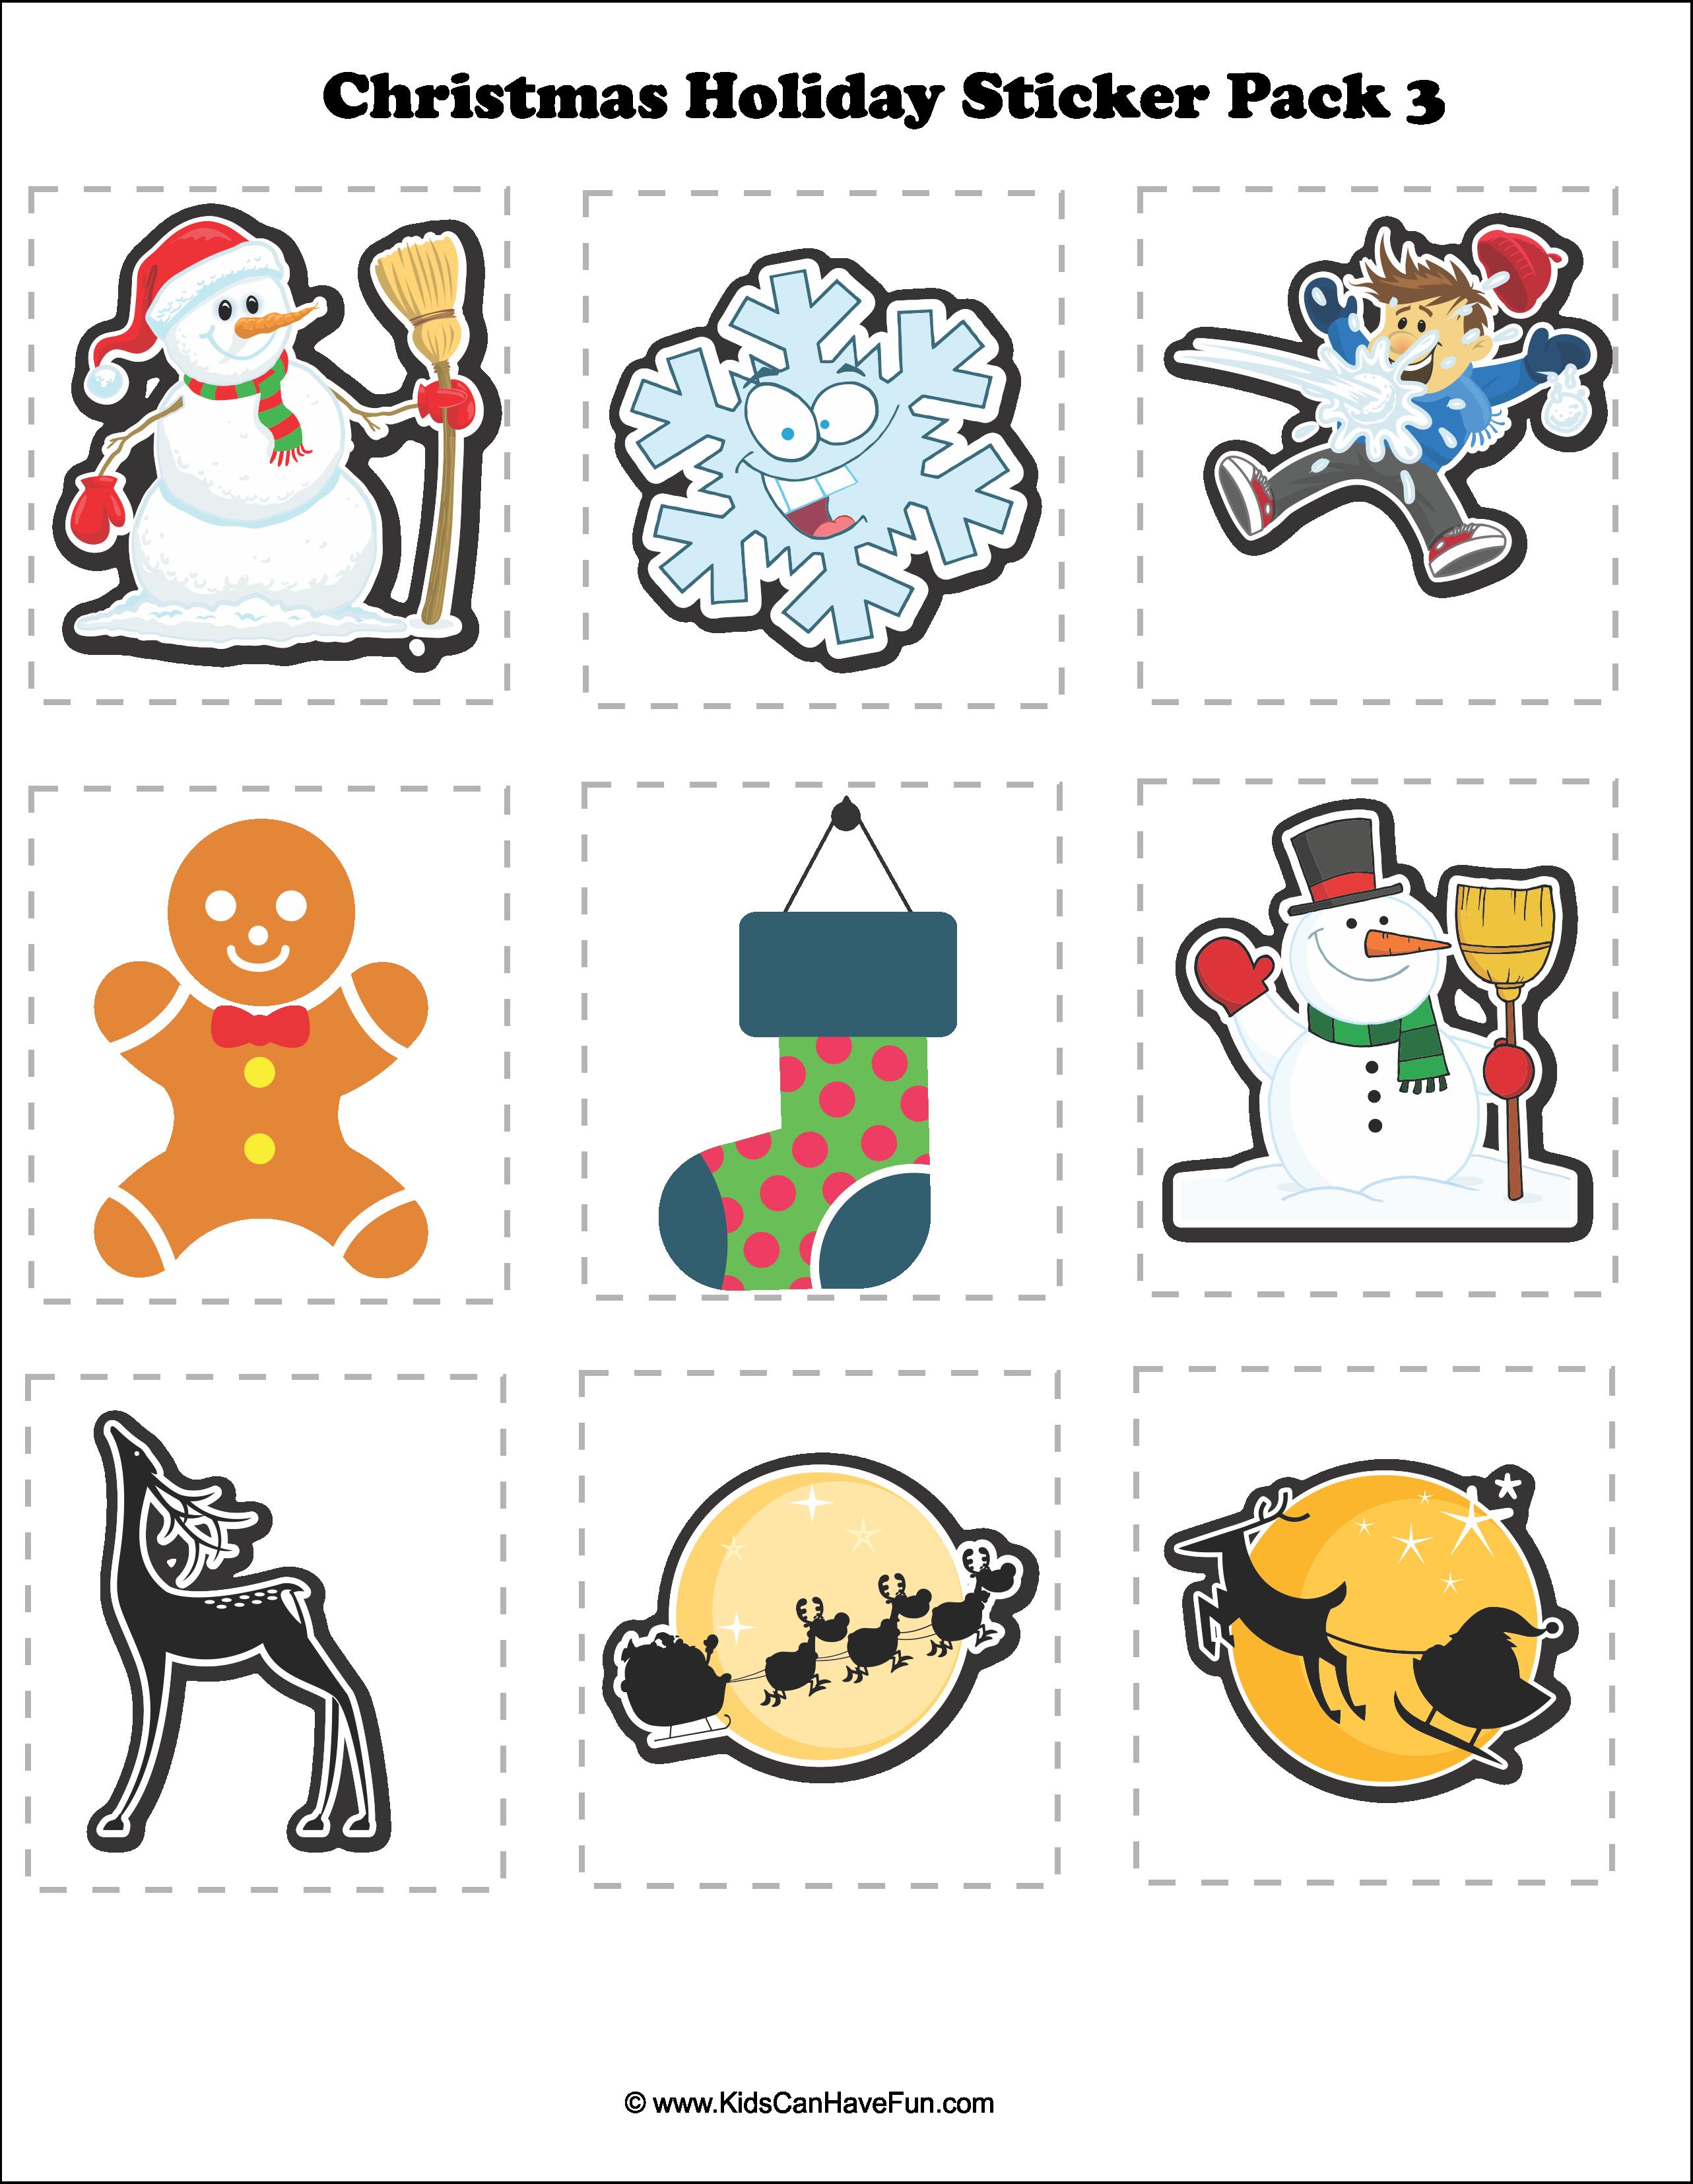 Christmas Sticker Pack 3 Dscanhavefun